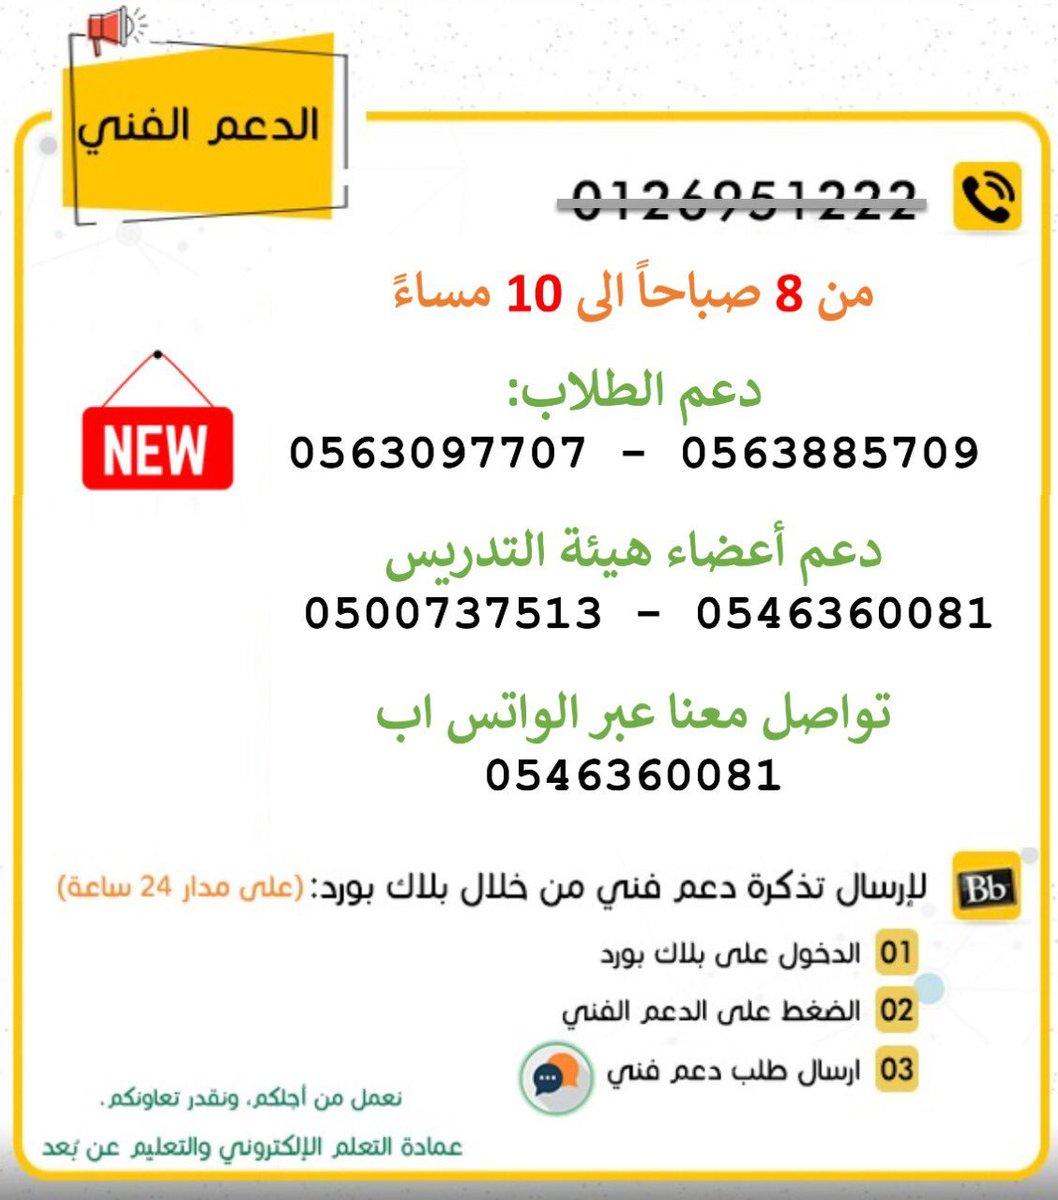 جامعة الملك عبدالعزيز بلاك بورد تعليم عن بعد